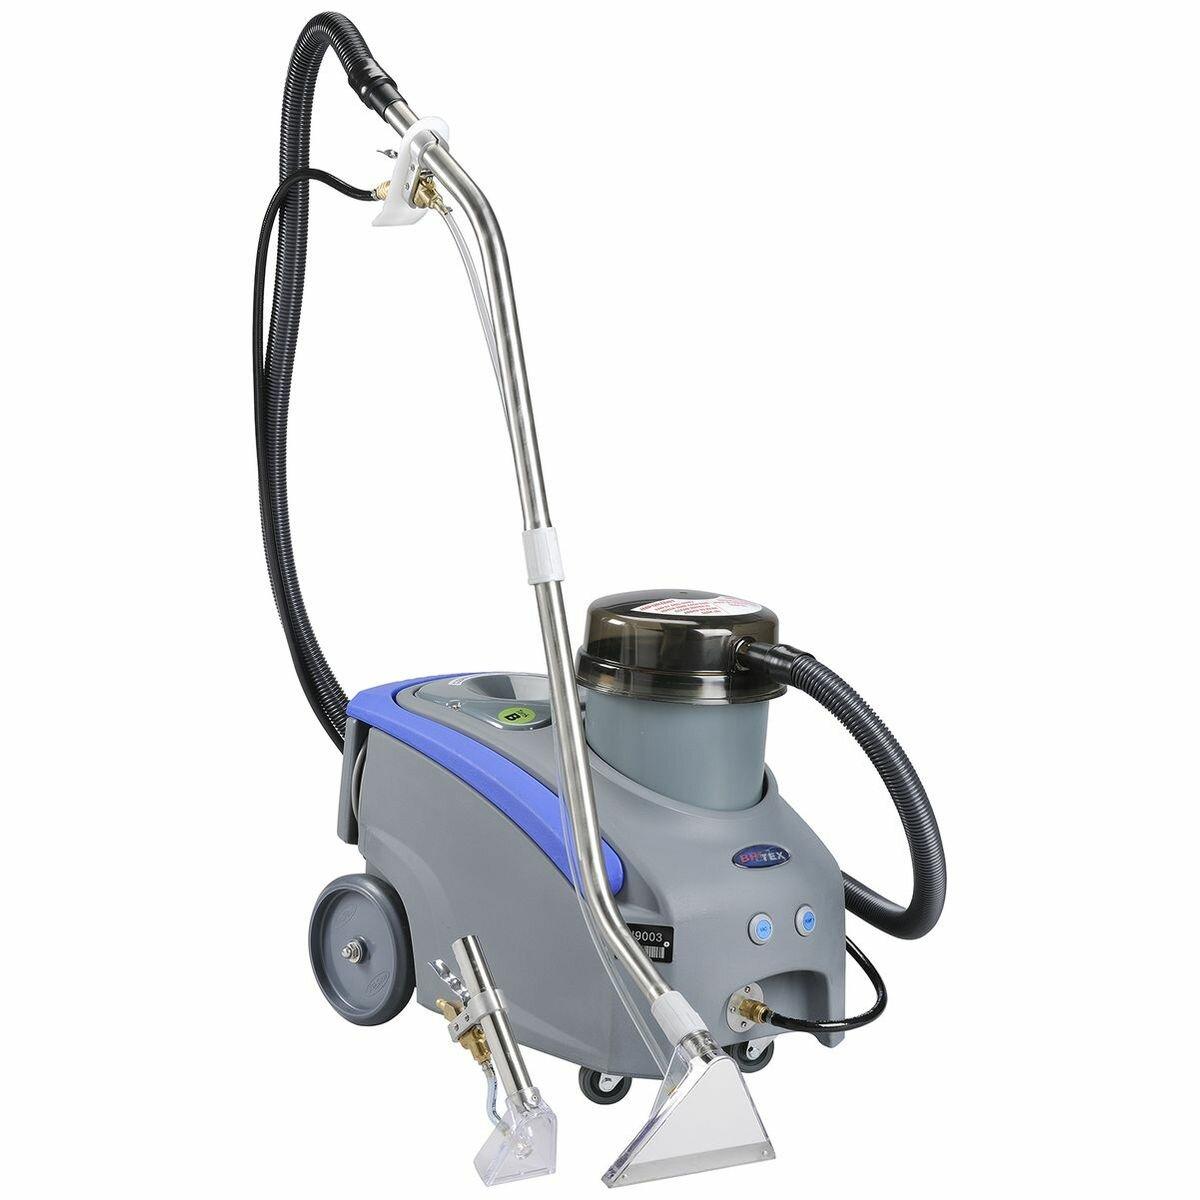 Britex Br 11 Carpet Cleaner Appliances Online